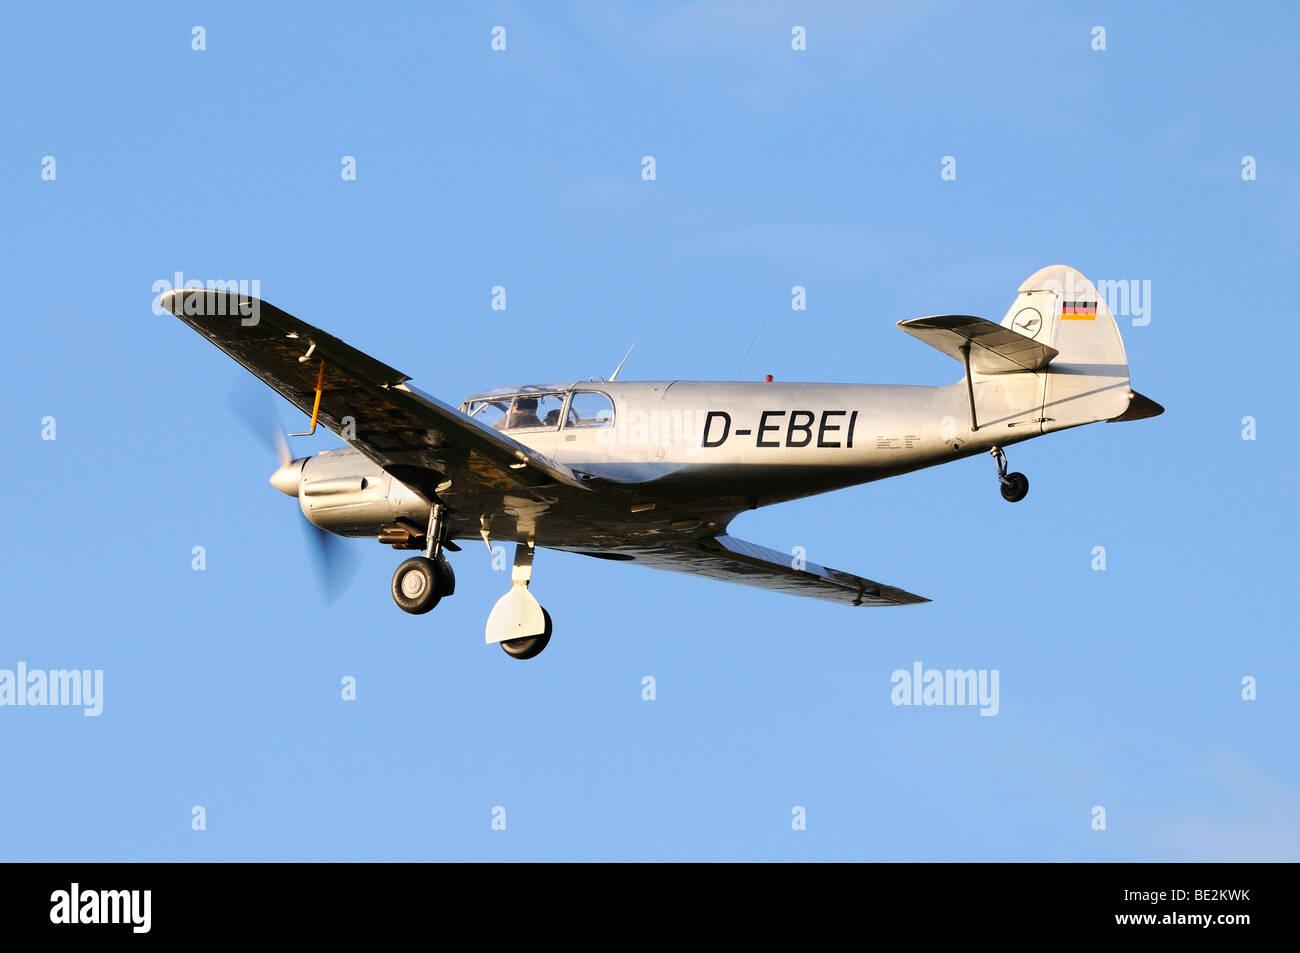 Il tedesco lo sport e i viaggi aerei Messerschmitt Bf-108 Taifun, in Europa la più grande riunione dei piani Immagini Stock